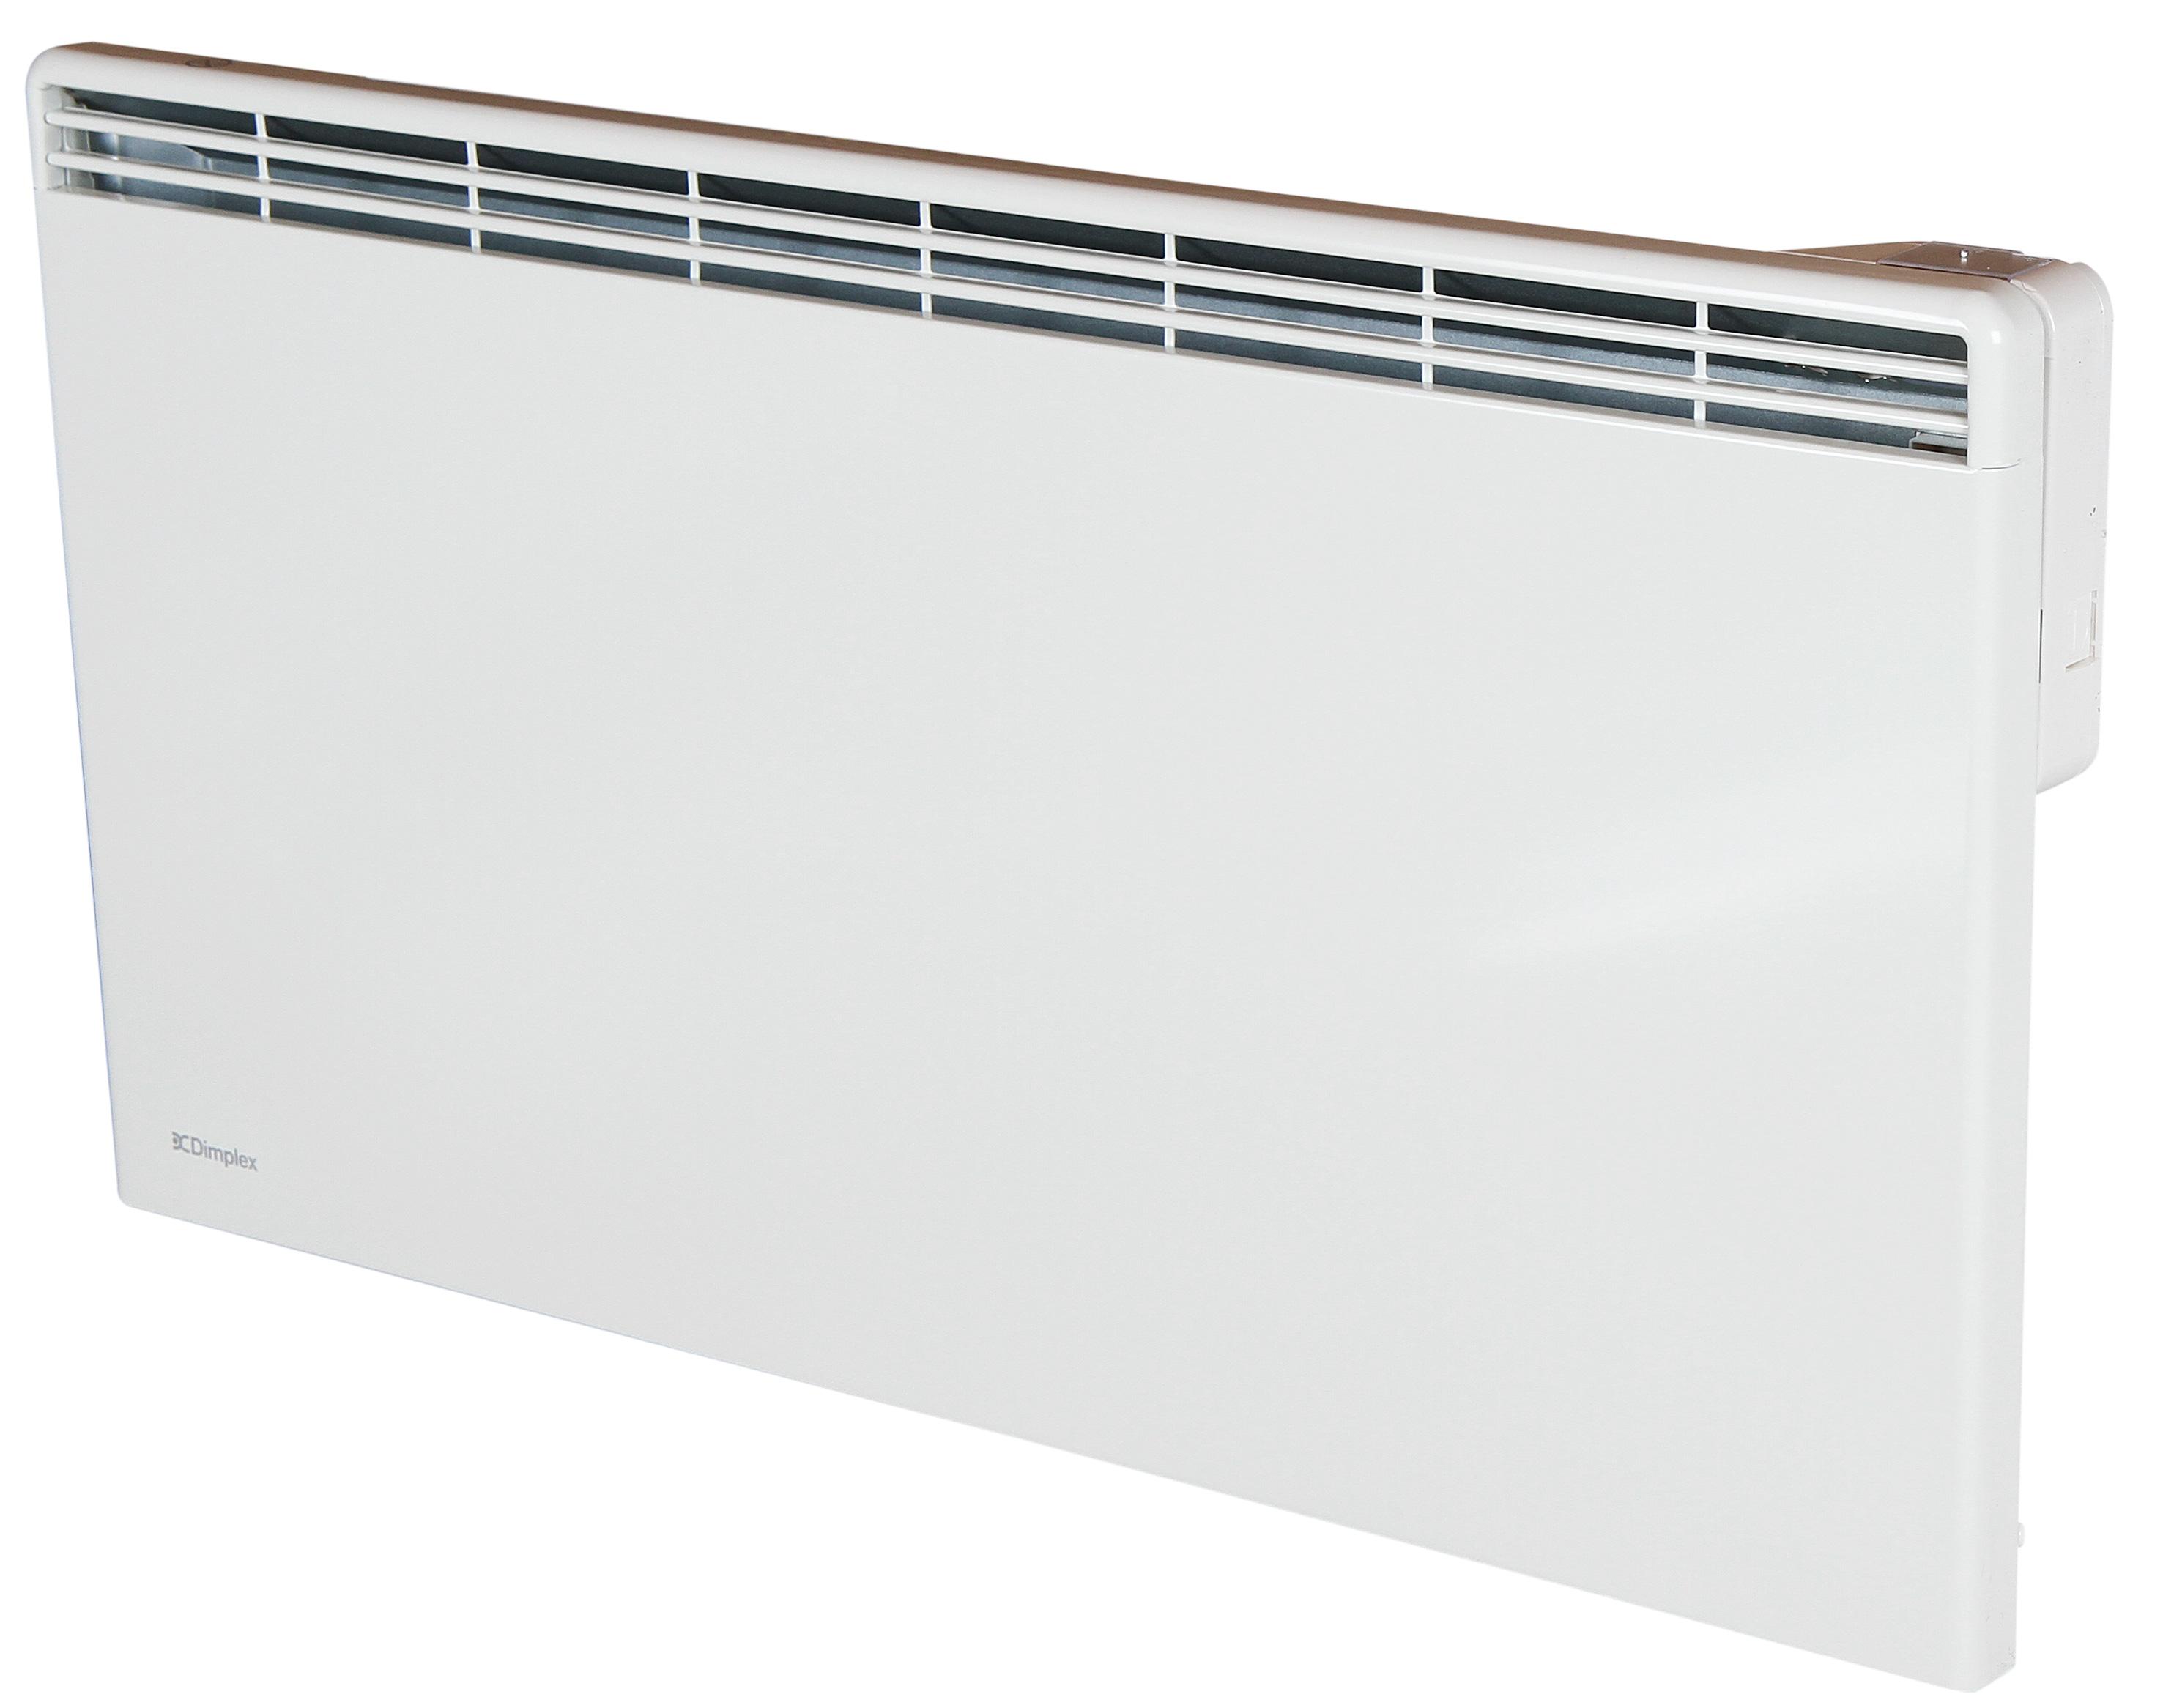 Dimplex Unique Panelovn 1500W 40cm (58840712)